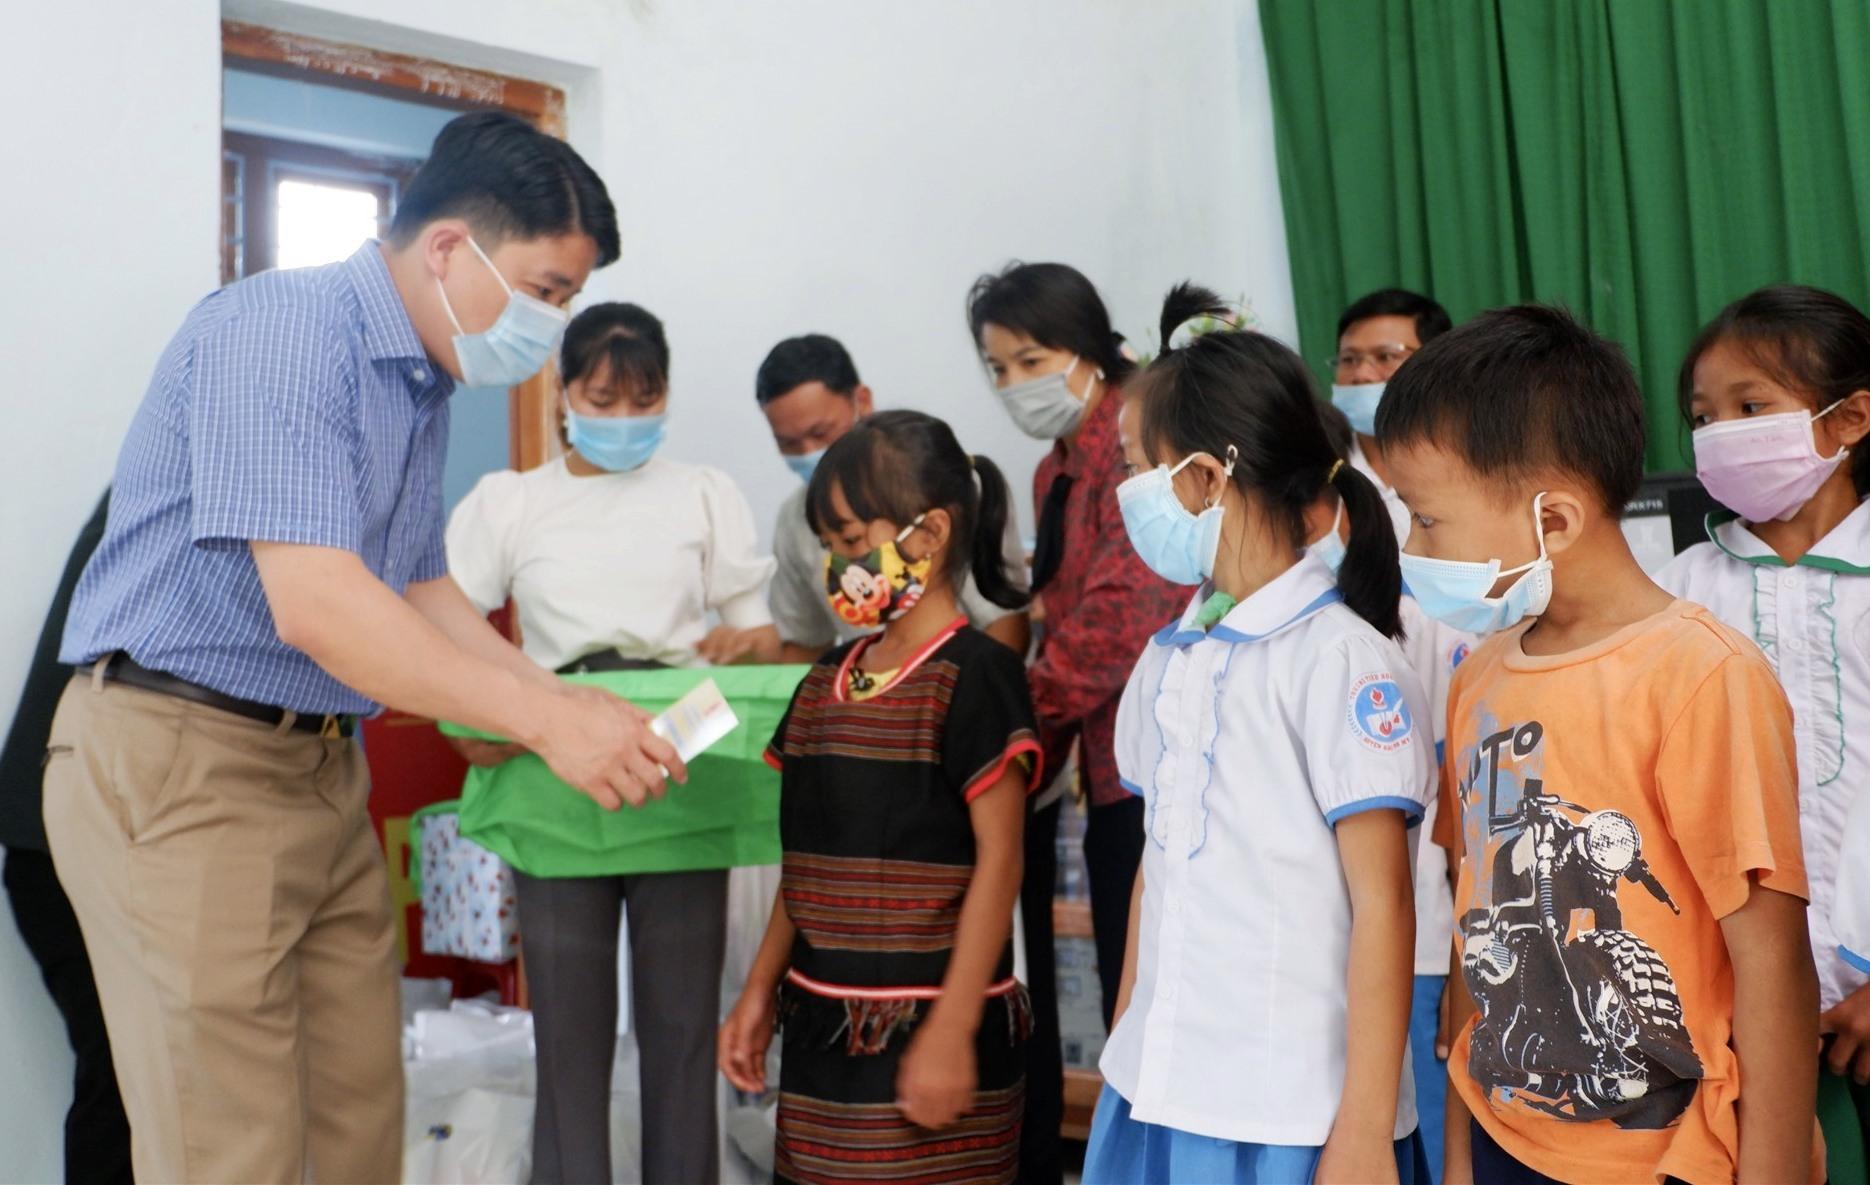 Phó Chủ tịch UBND tỉnh Trần Văn Tân tặng quà cho các em xã Trà Bui. Ảnh: X.H